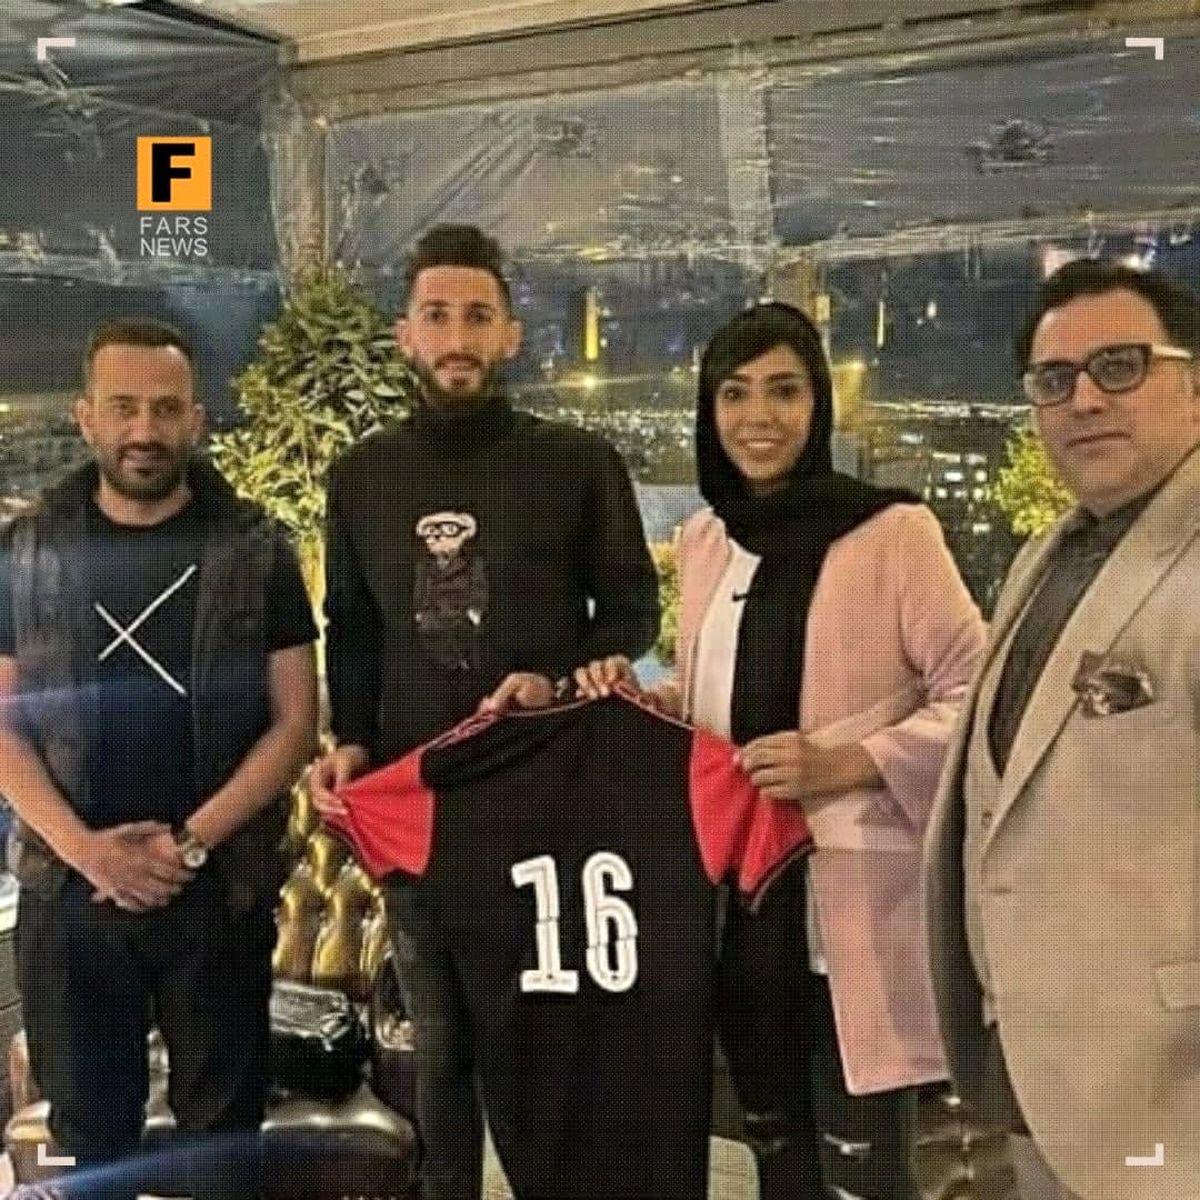 فوتبالیست ایرانی برای نزدن ماسک ۲۰میلیون تومان جریمه شد +عکس